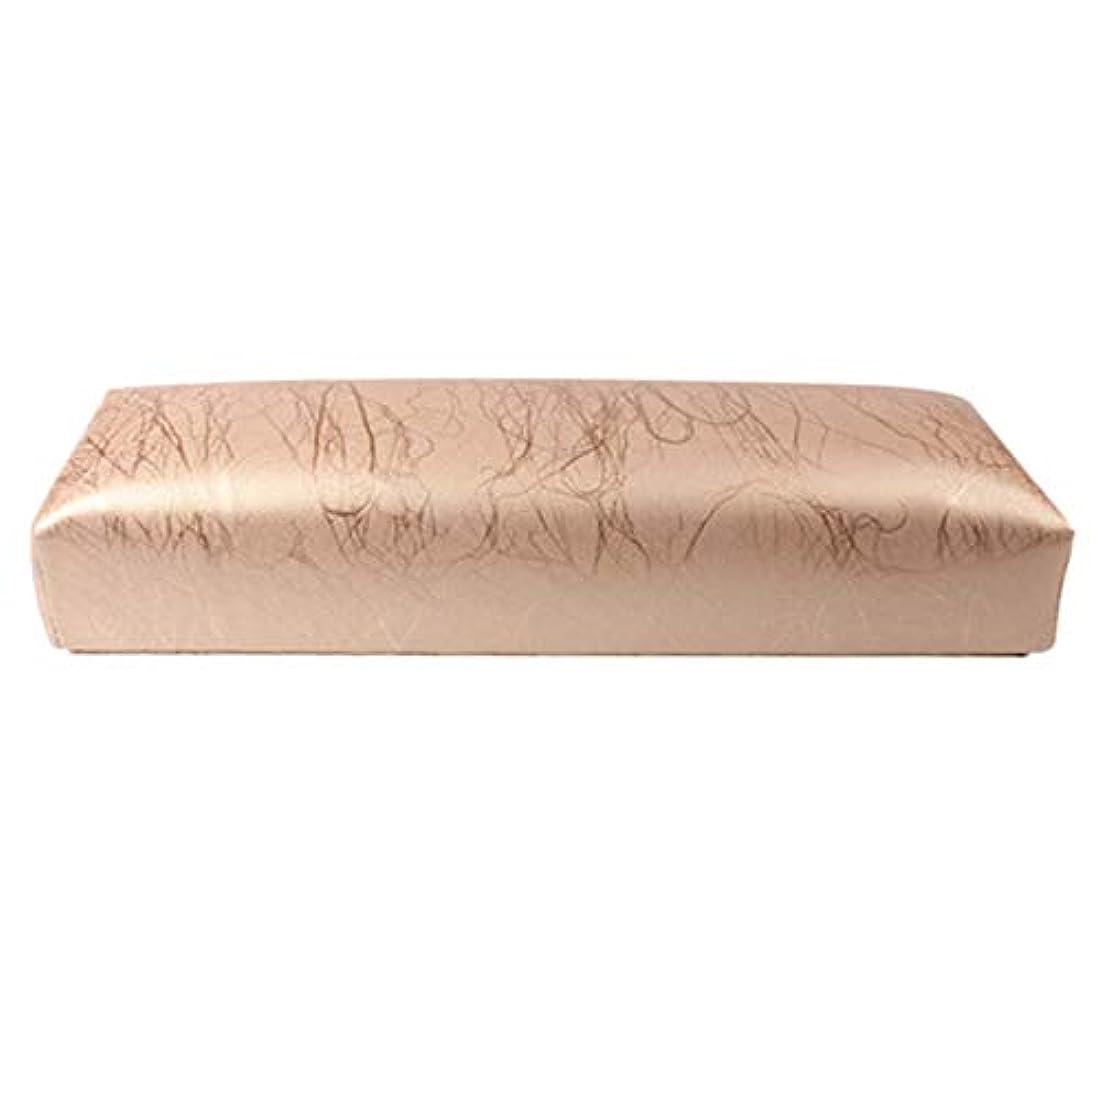 外部真剣に父方のGaoominy ネイル用マニキュアハンド枕長方形PUレザーハンドレストクッションネイルピローサロンハンドホルダーアームレストレストマニキュアネイルアートアクセサリーツールゴールド